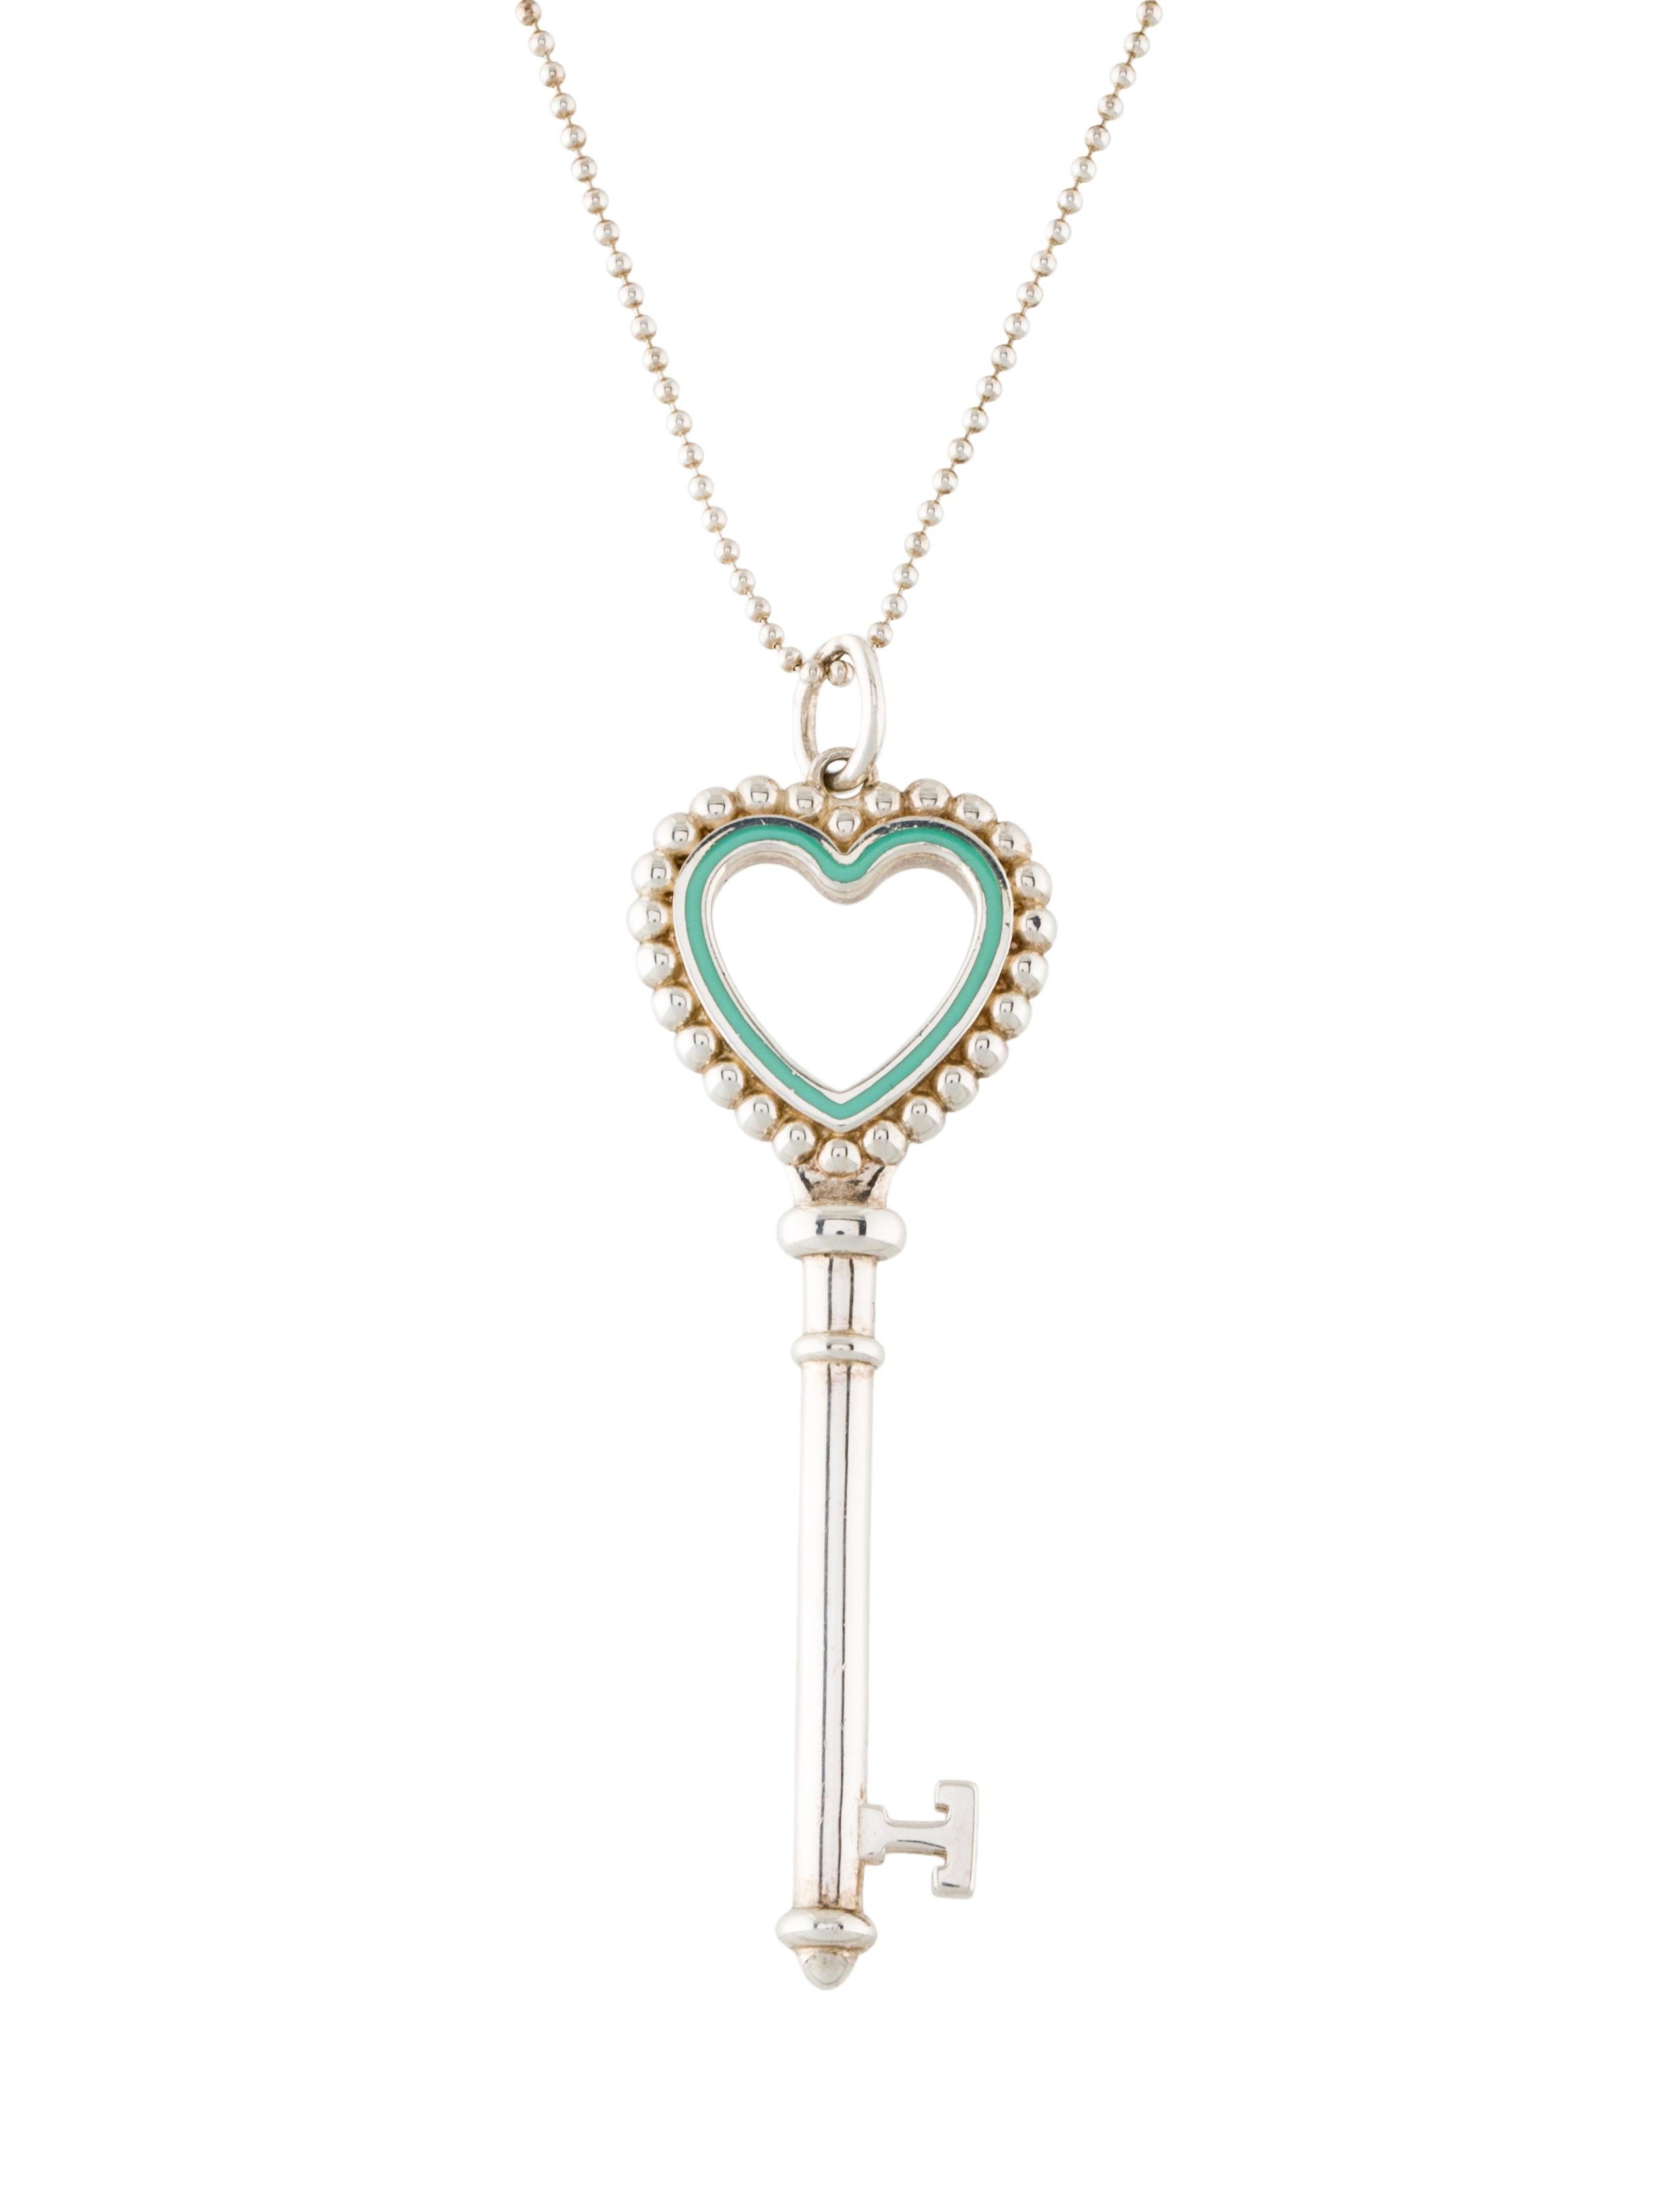 Tiffany co beaded heart key pendant necklace necklaces beaded heart key pendant necklace aloadofball Gallery